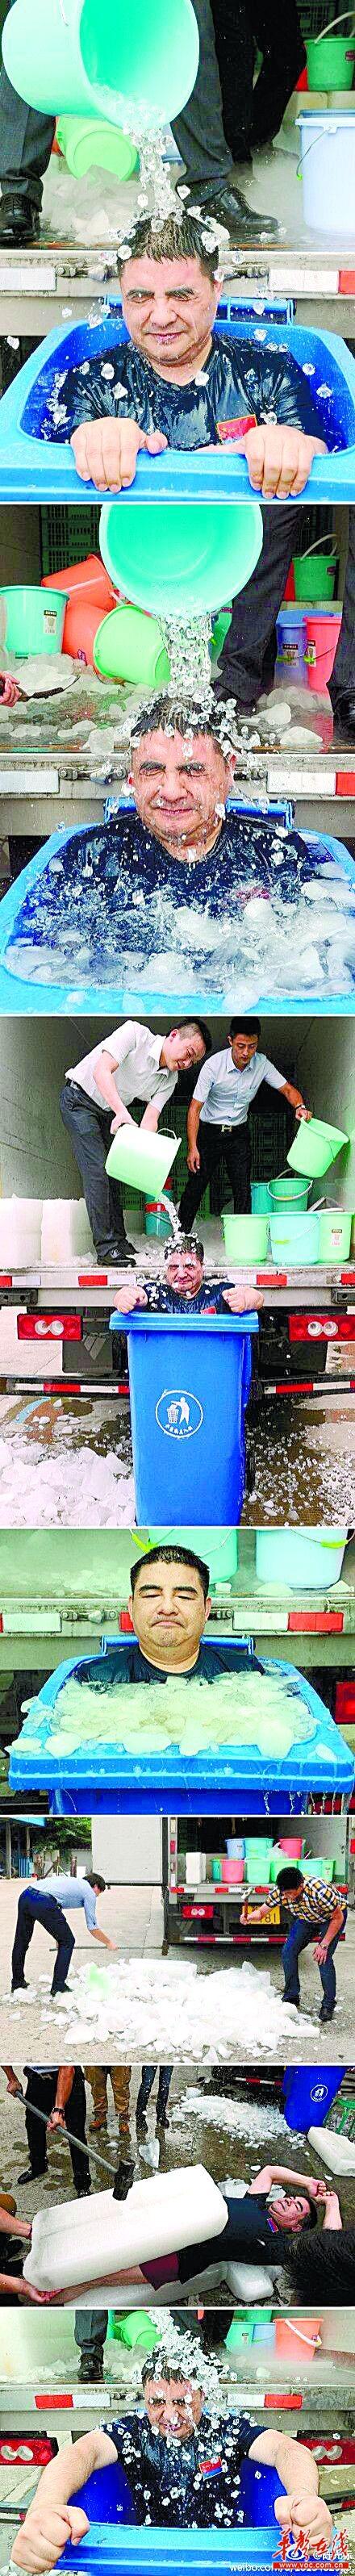 专家质疑陈光标冰桶挑战:泡冰水超过5分钟铁定不育